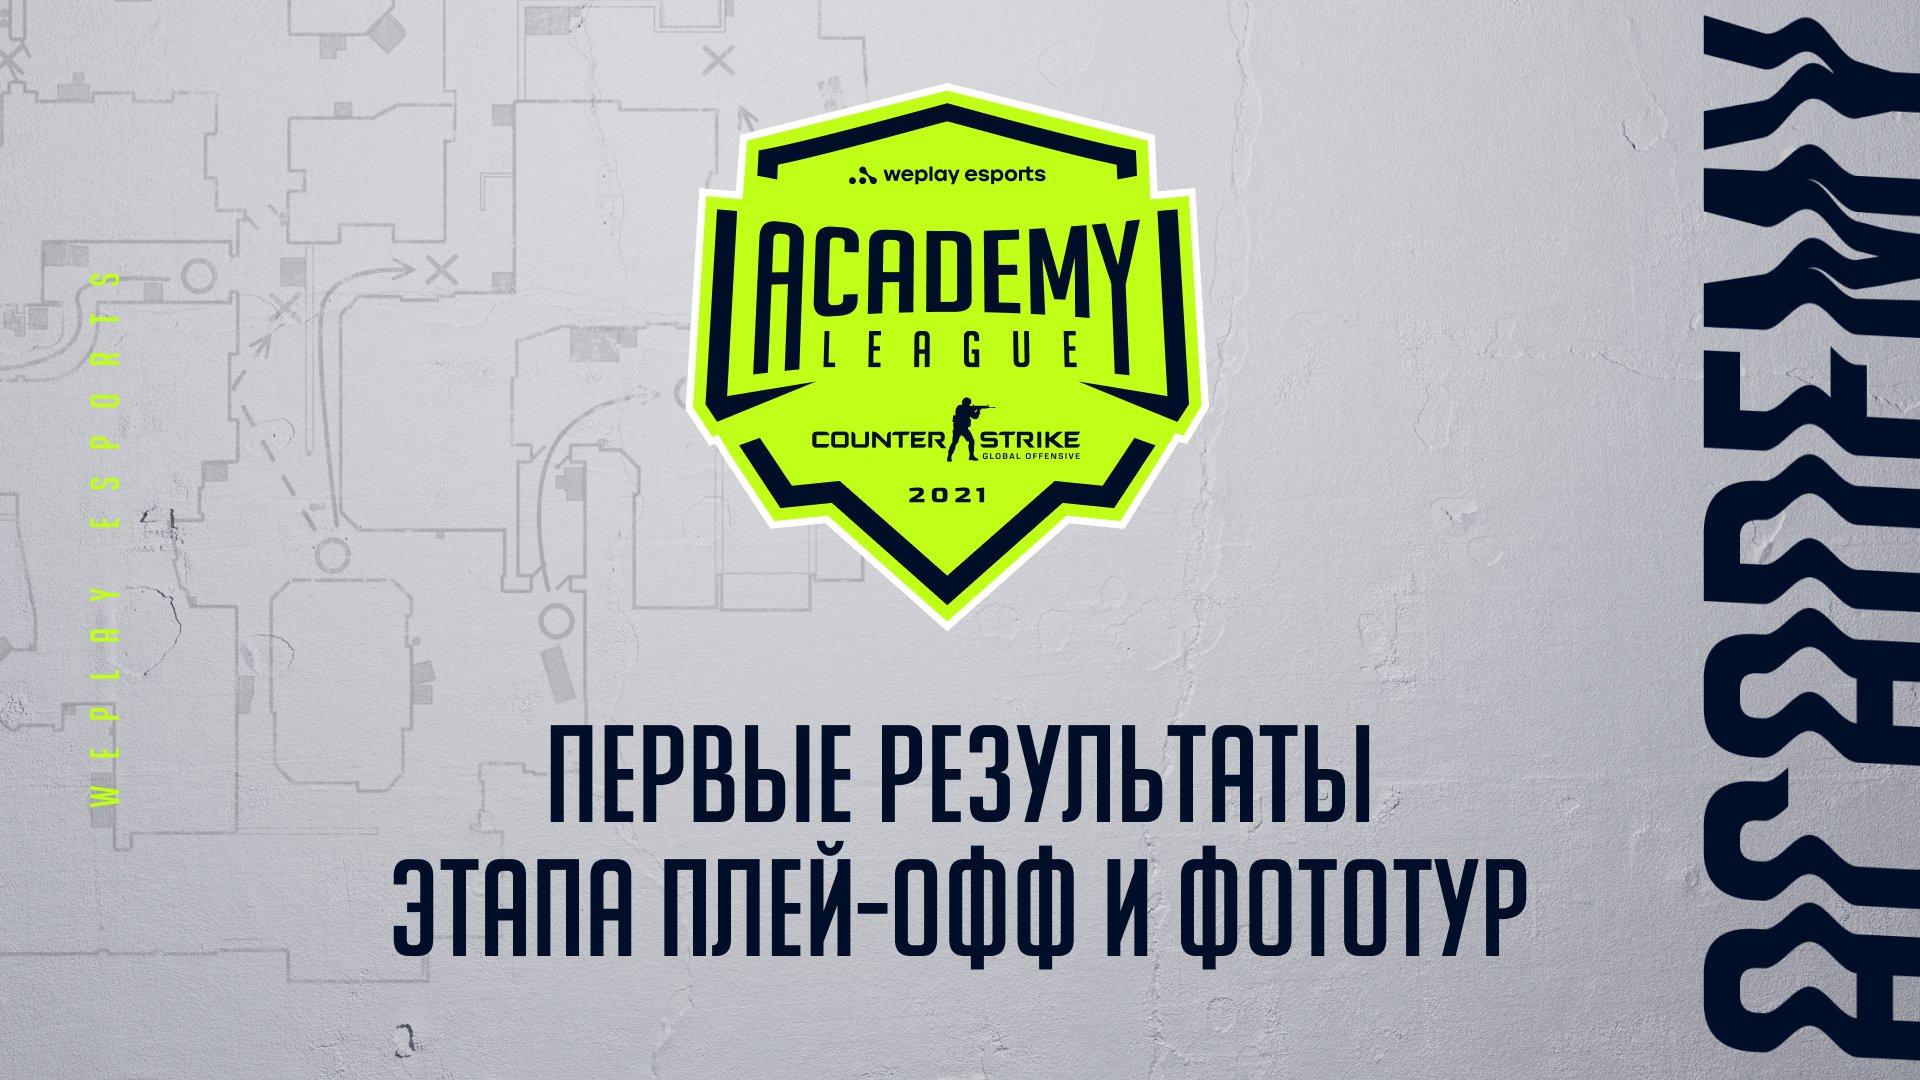 WePlay Academy League Season 1: первые результаты этапа плей-офф и фототур. Изображение: WePlay Holding